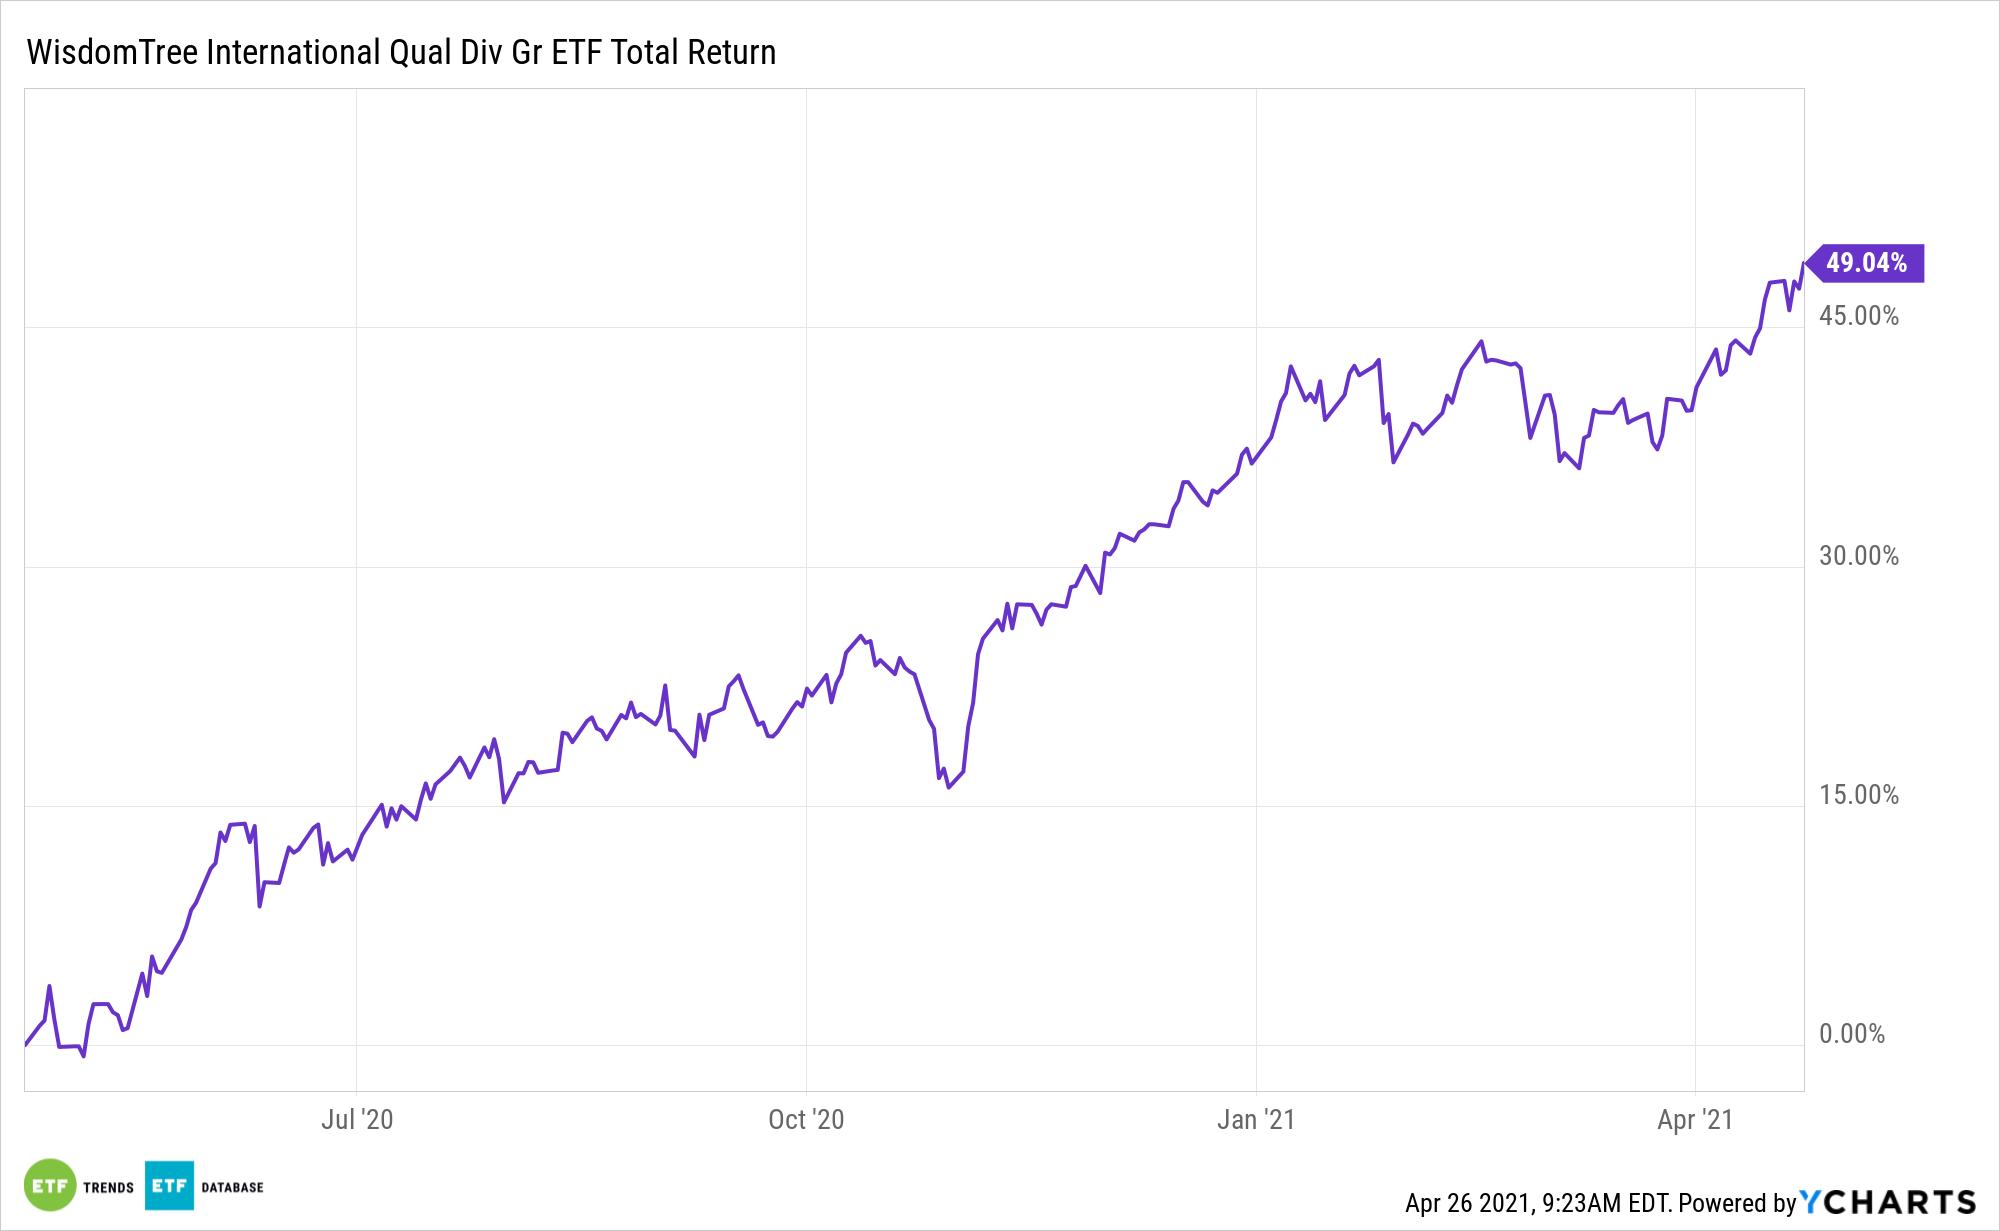 IQDG 1 Year Total Return